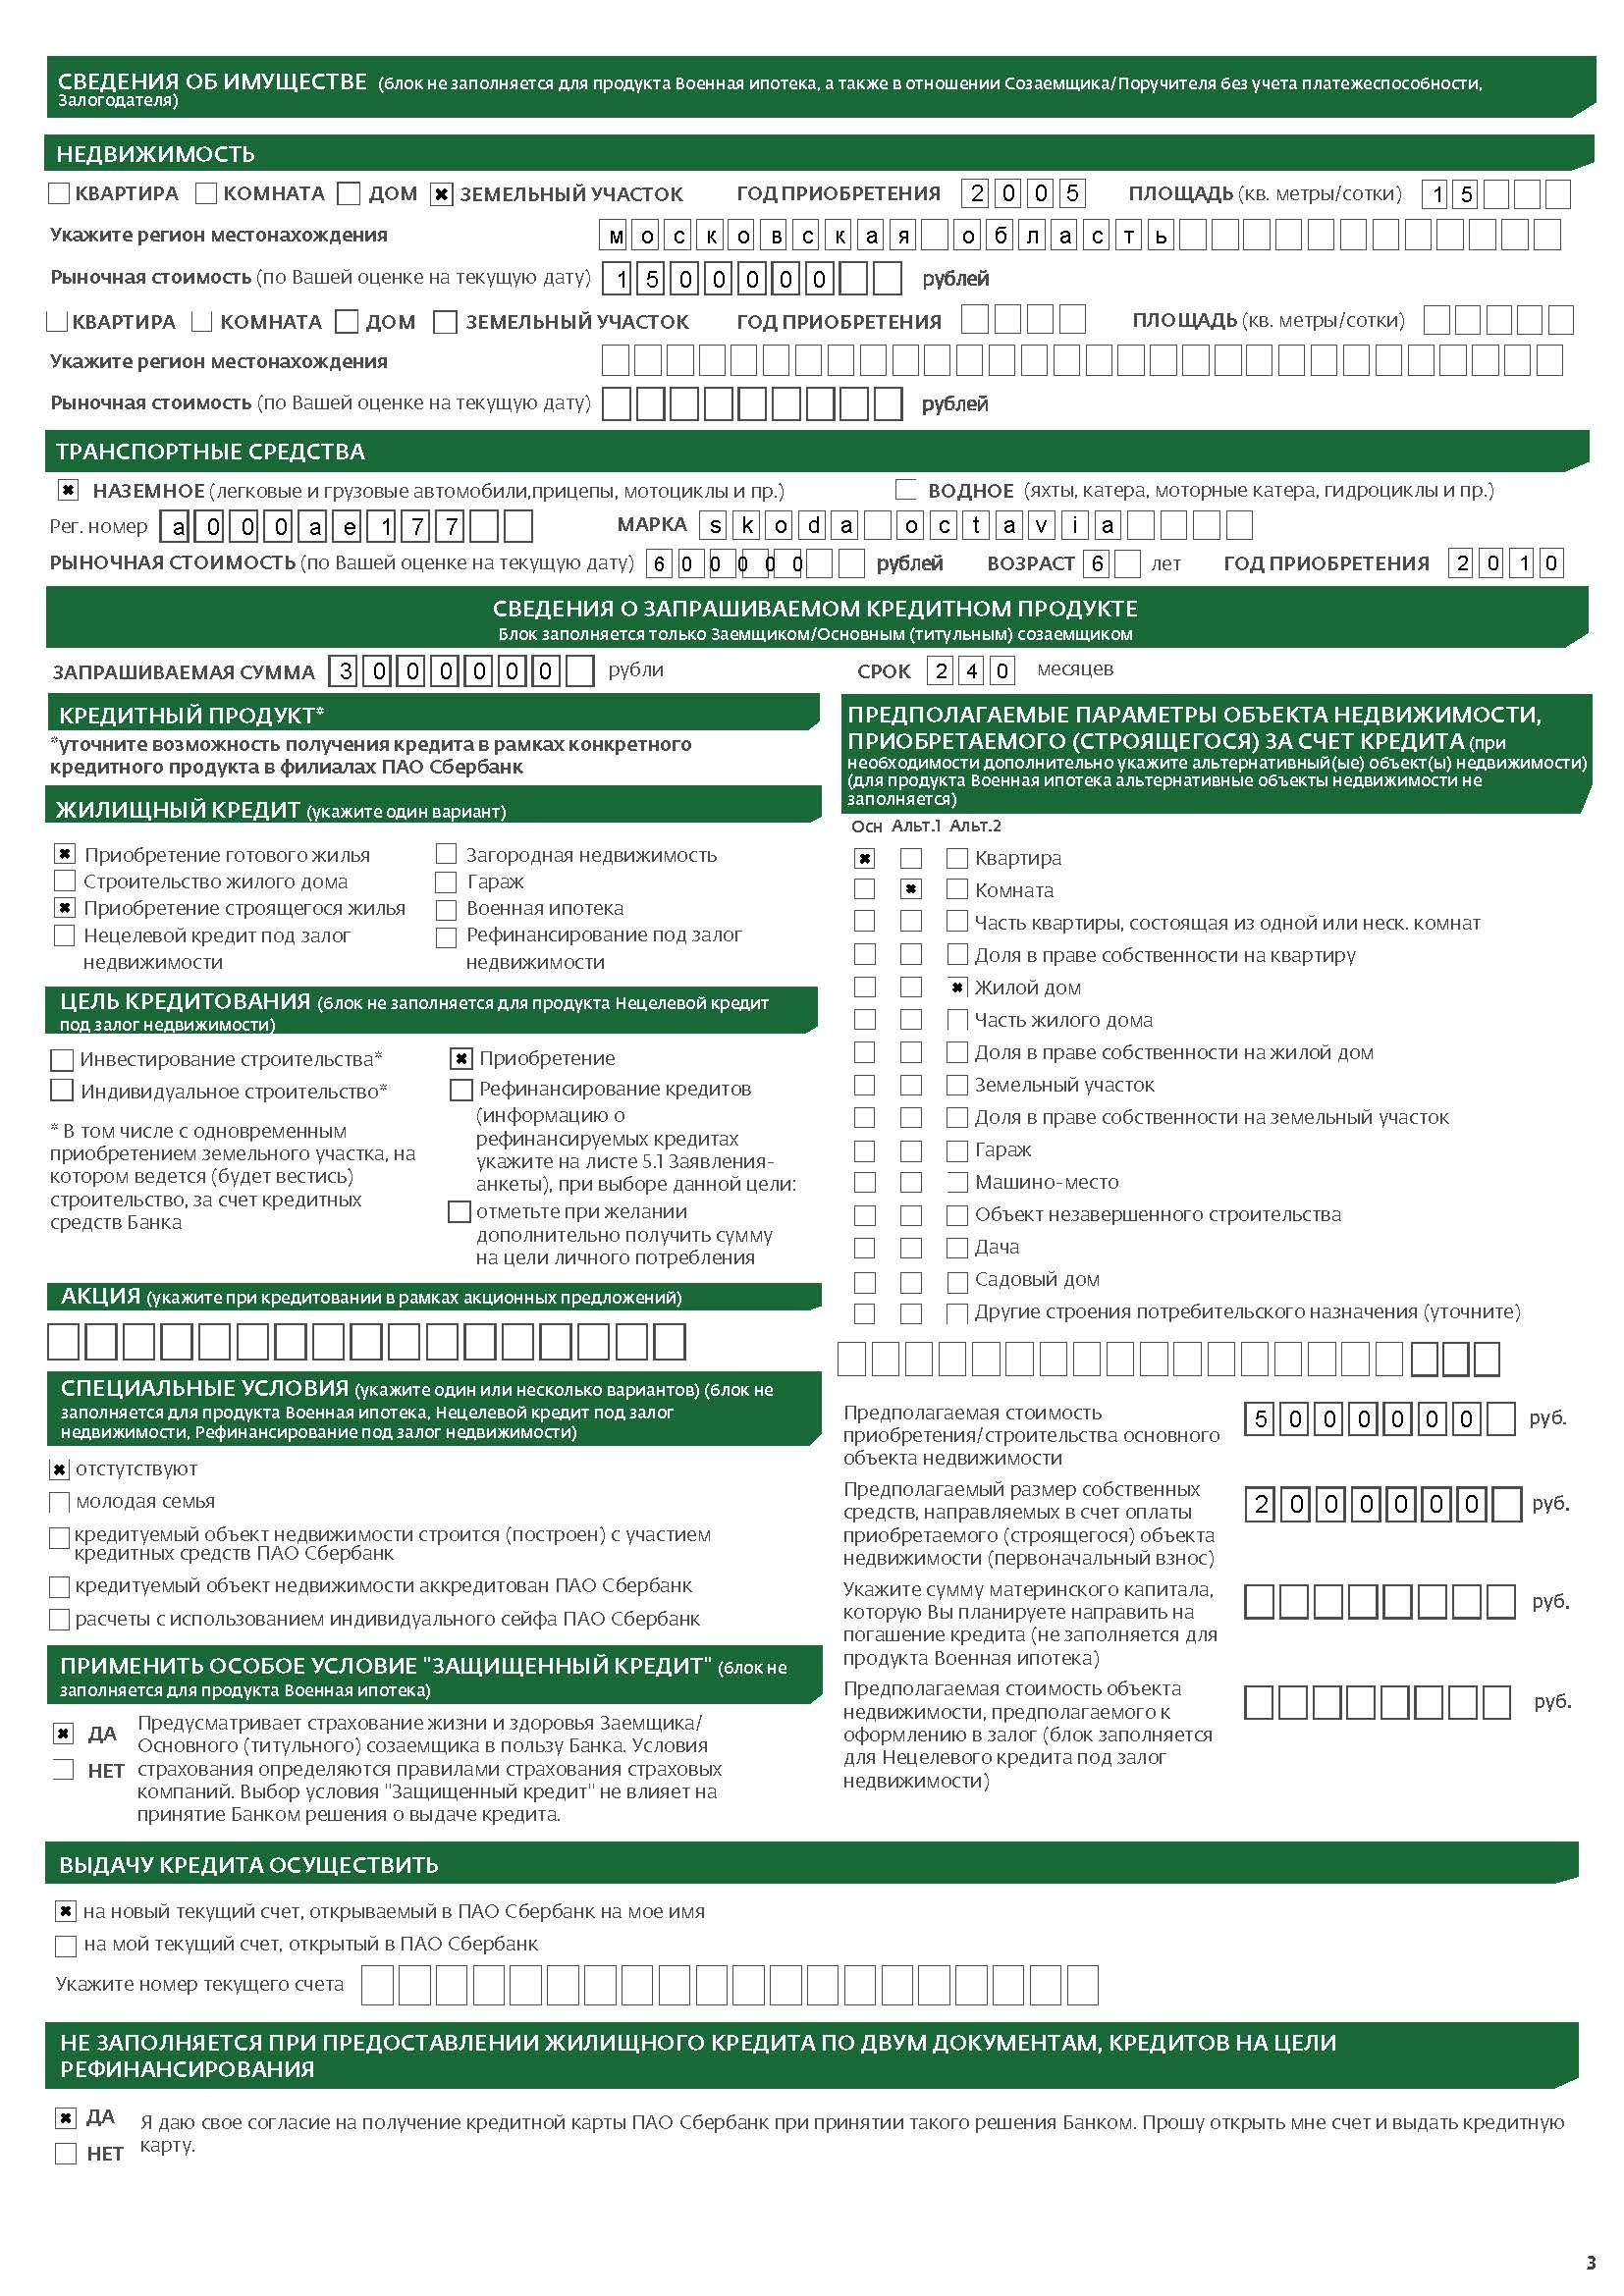 Анкета Сбербанка на ипотеку — бланк 2020